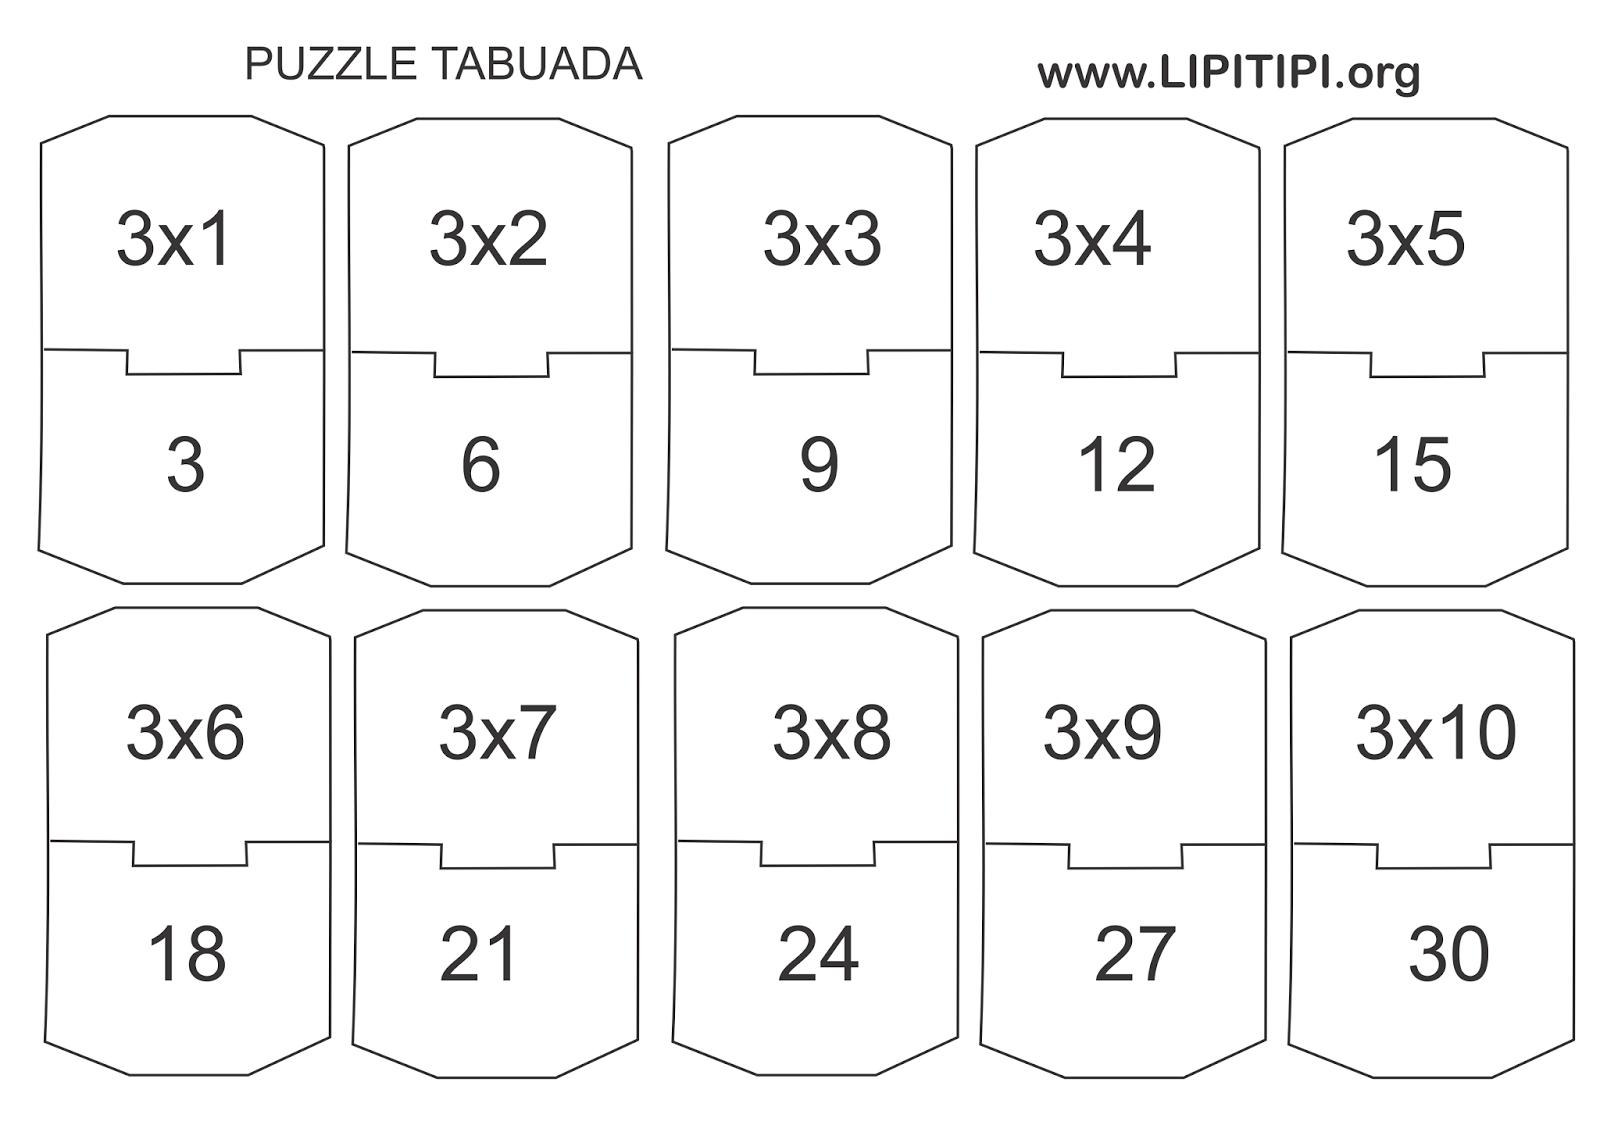 Puzzle Tabuada Divertida Jogo Pedagogico Multiplicacao